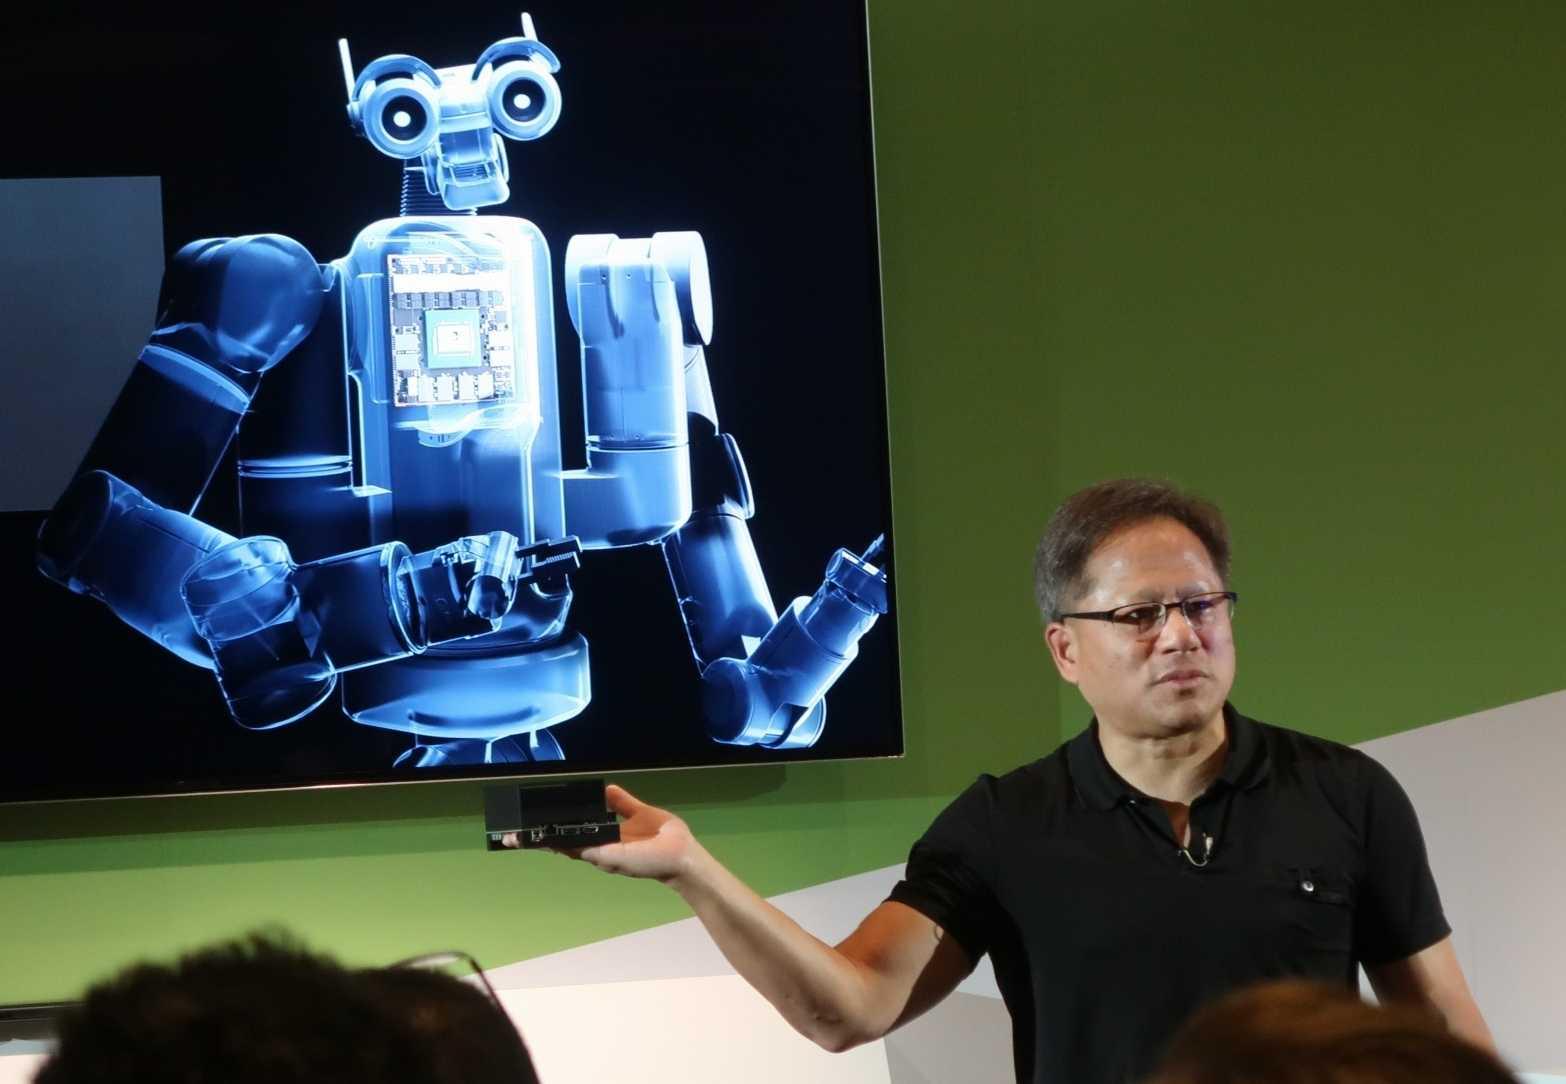 Gewohntes Bild: Der Nvidia-Chef (rechts) hält ein noch nicht verfügbares Produkt in die Kameras - hier Jetson Xavier DevKit.